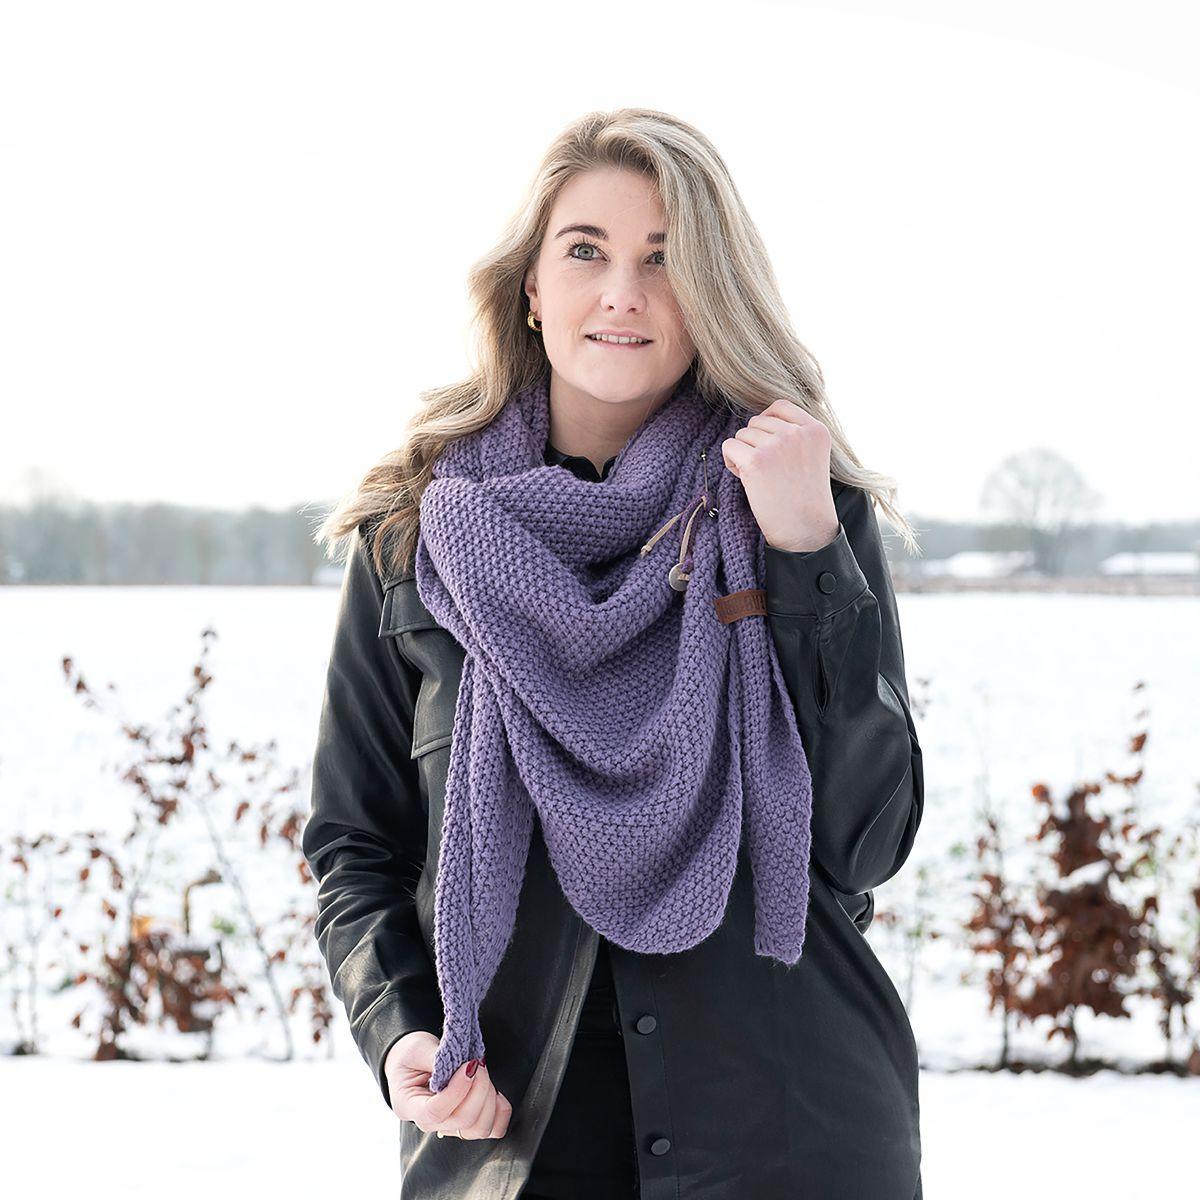 knit factory kf12006004350 coco omslagdoek violet 2